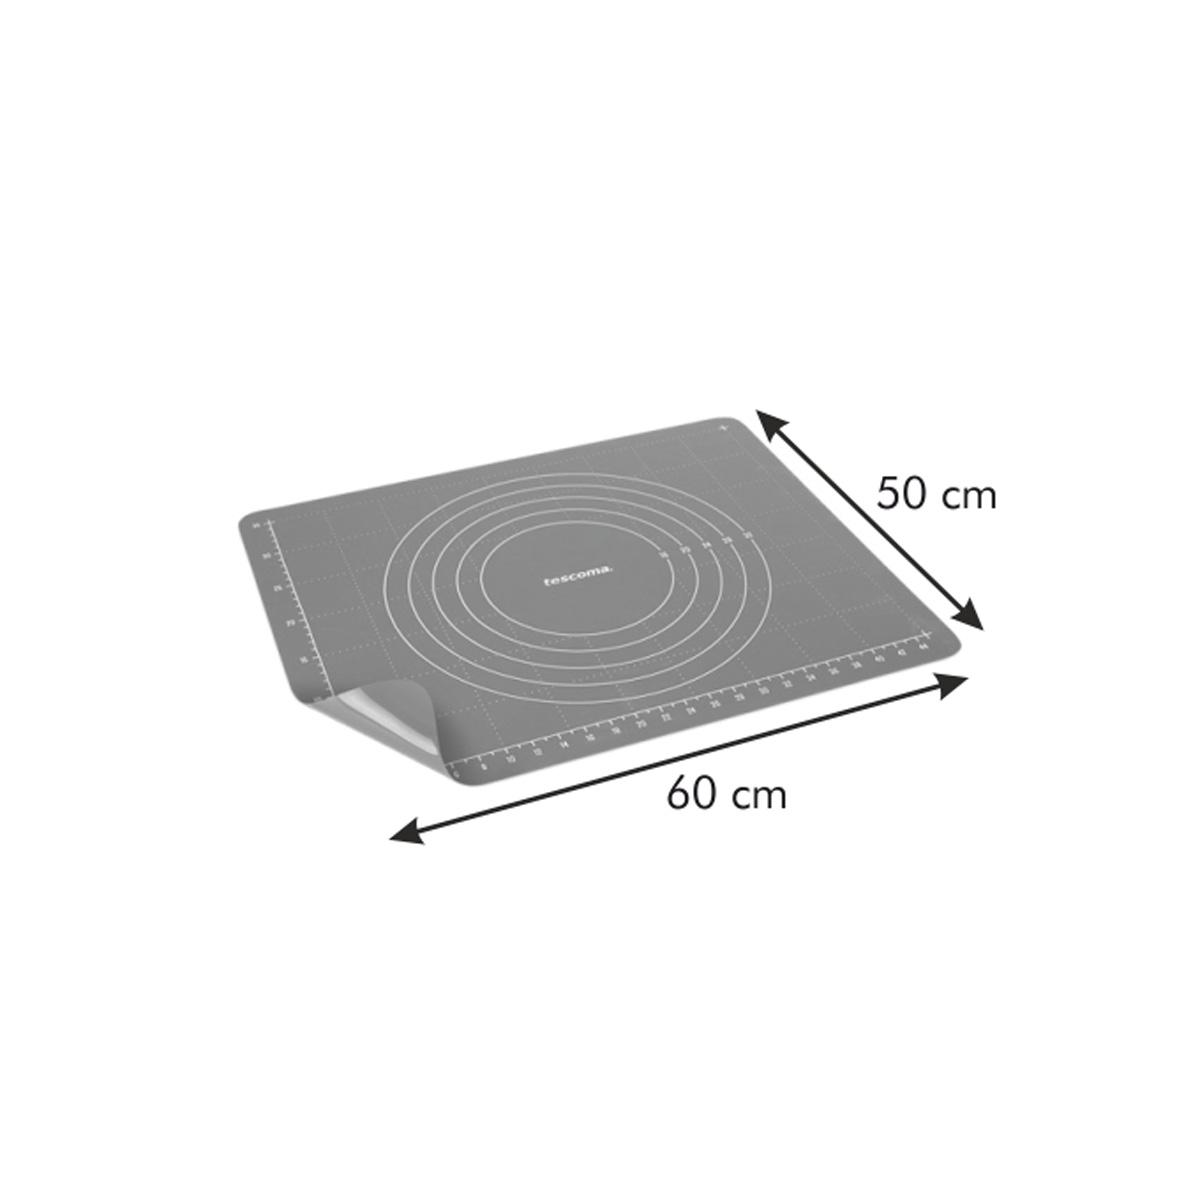 Vál s klipem DELÍCIA SiliconPRIME 60x50 cm